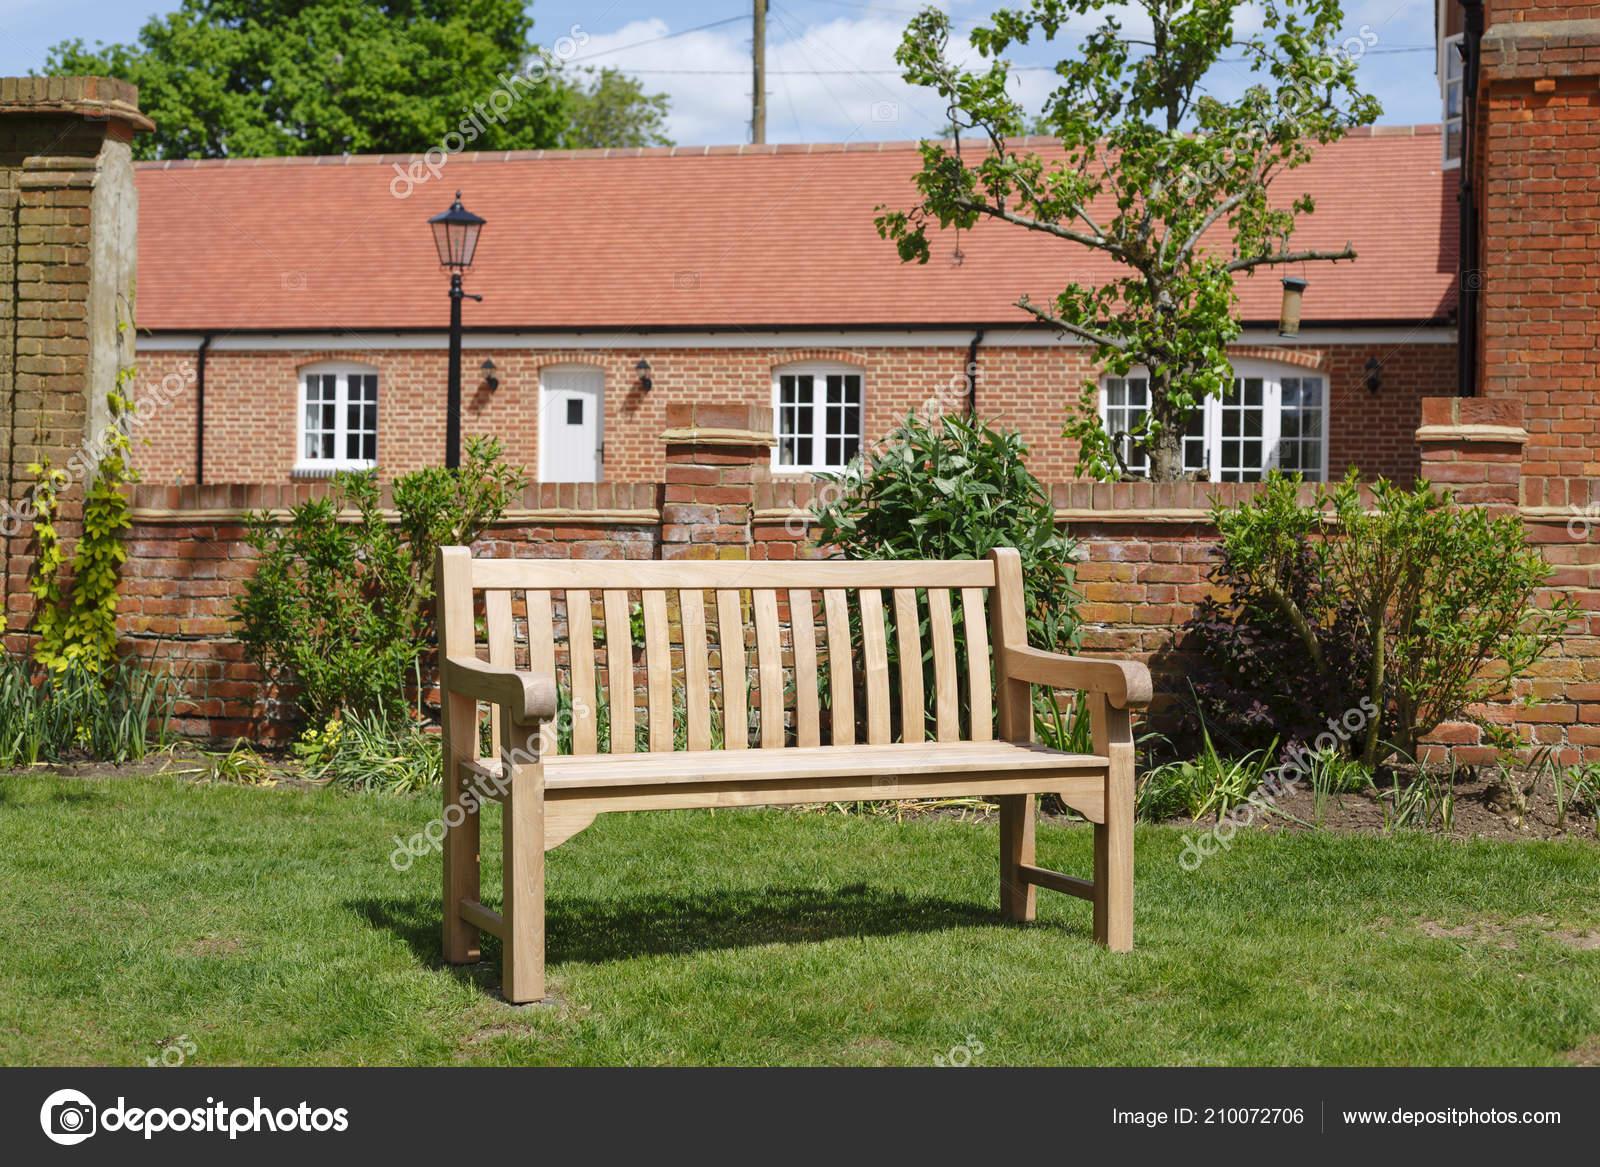 Banc Teck Bois Dur Sur Une Pelouse Dans Jardin Anglais